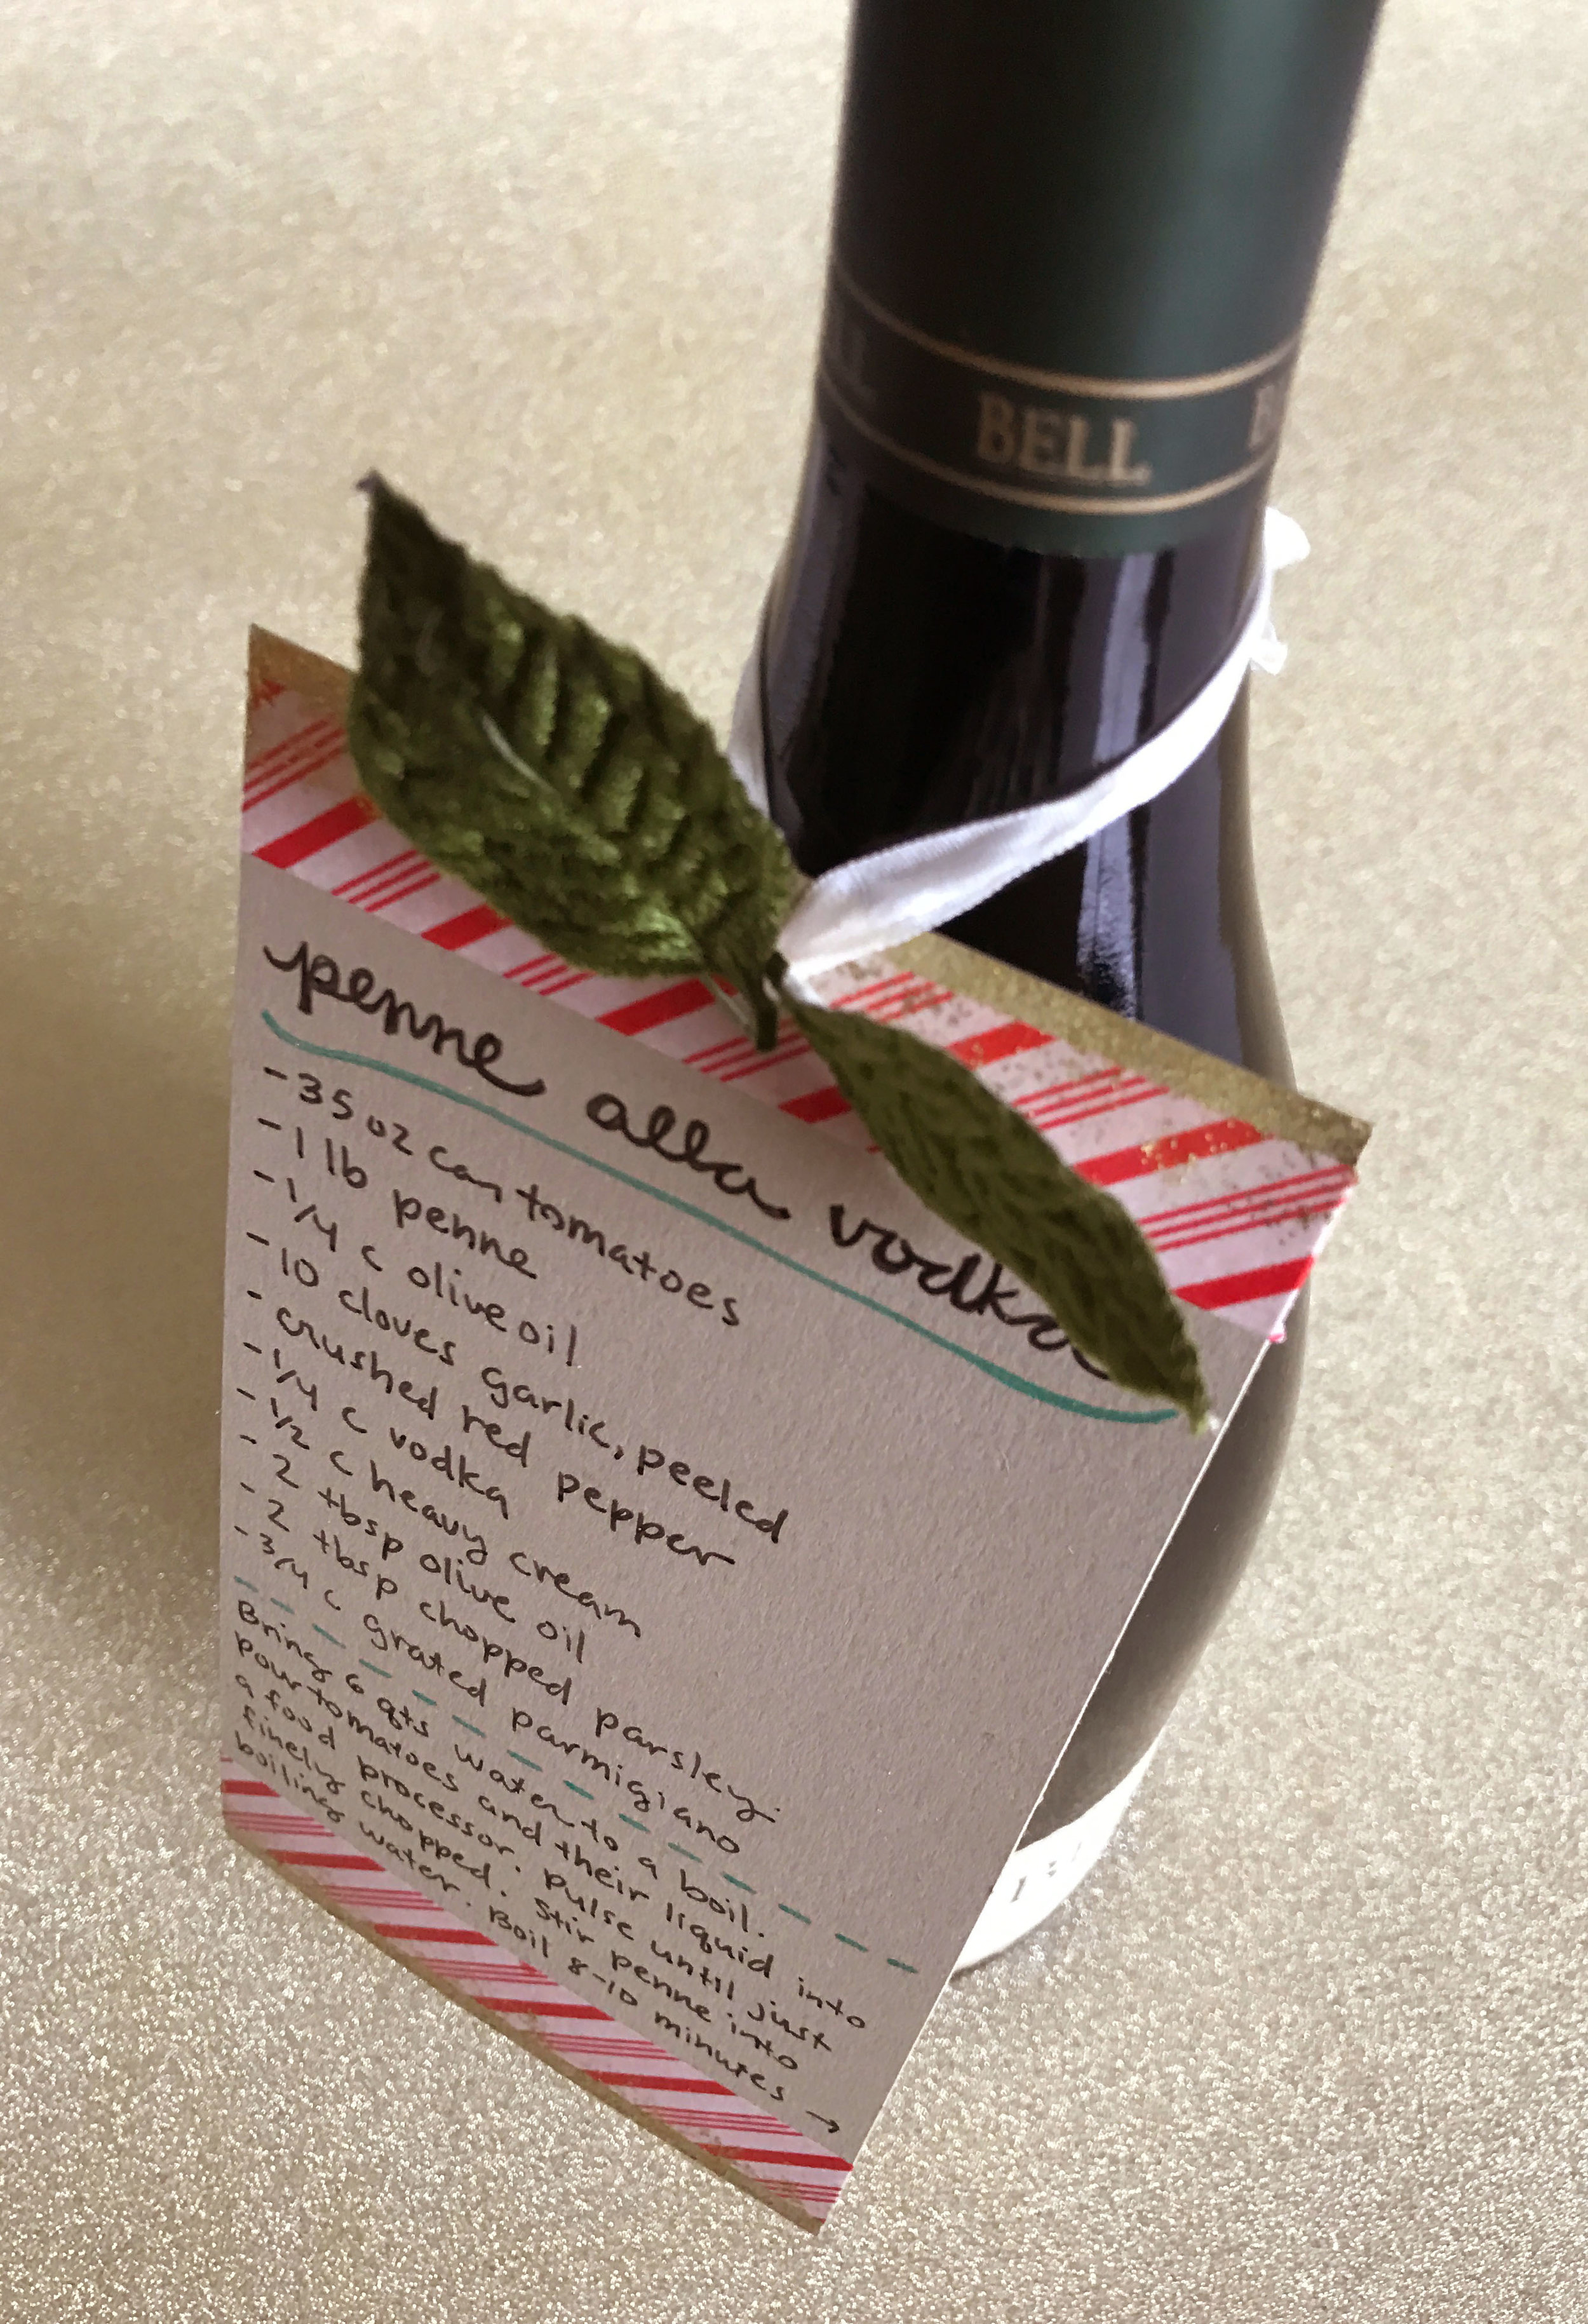 Wne Bottle Recipe Pairing